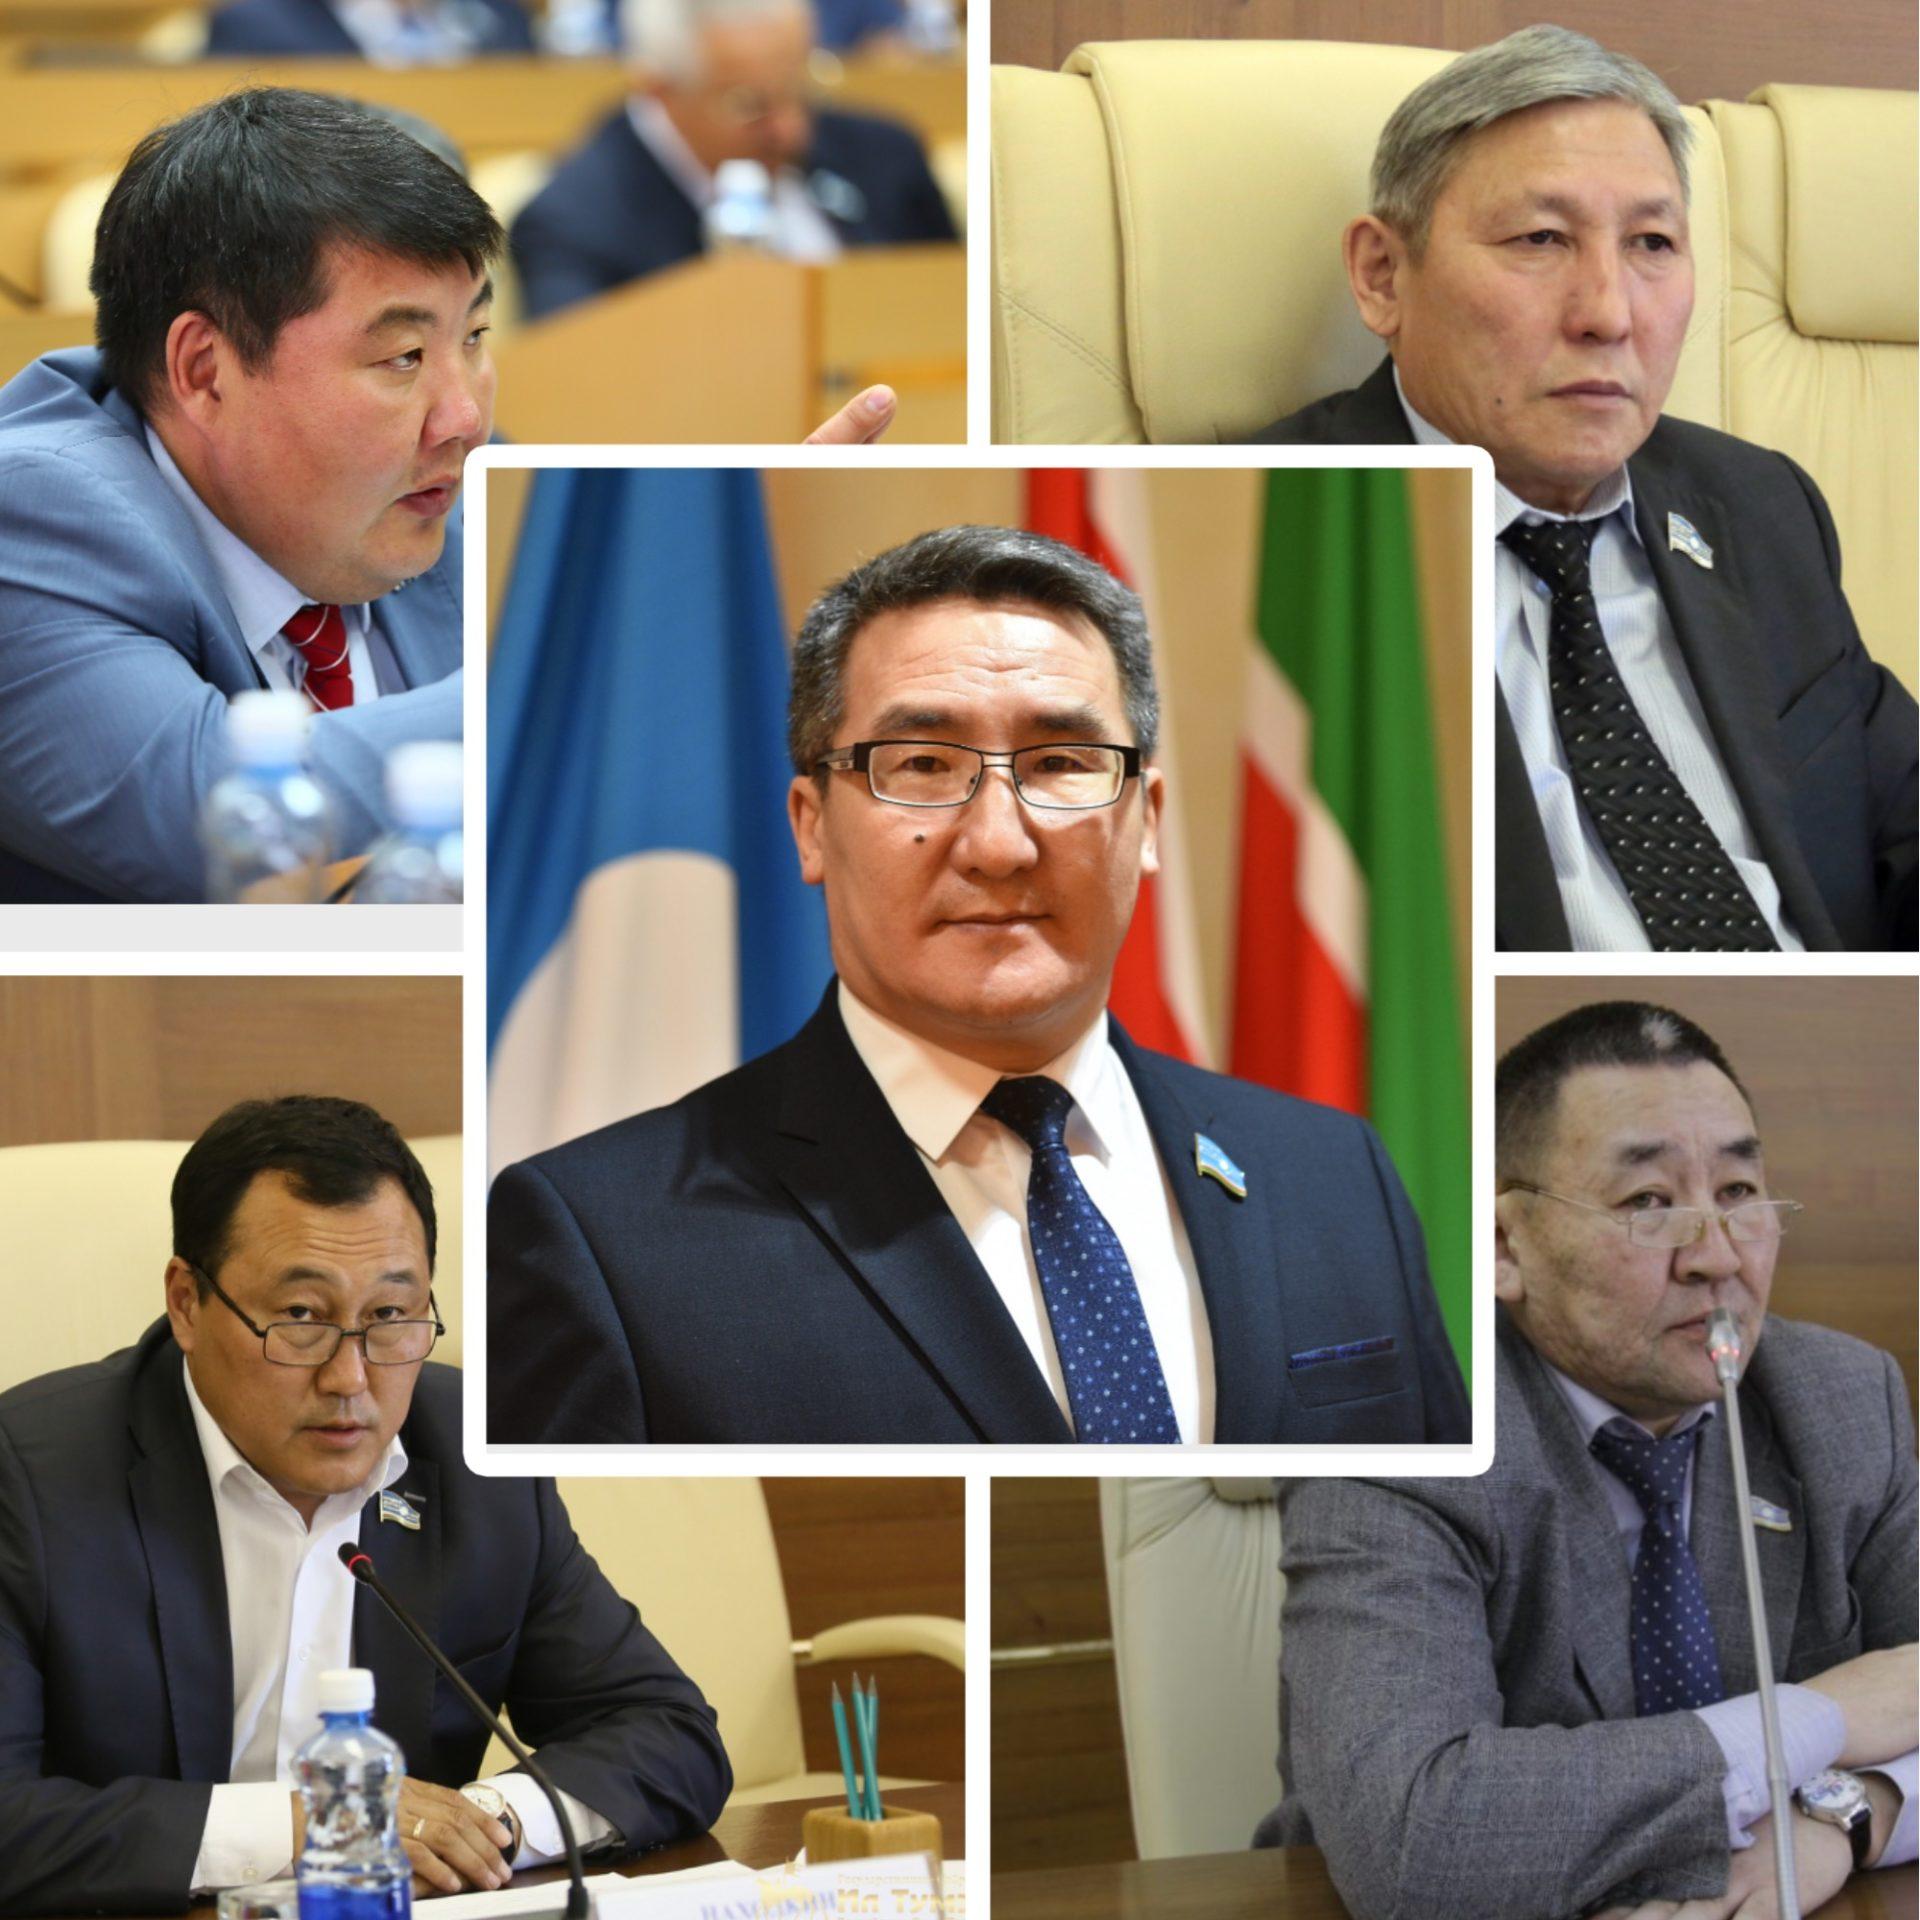 Протокол голосования народных депутатов по отчету главы Якутии. Бунт или техпроблемы?